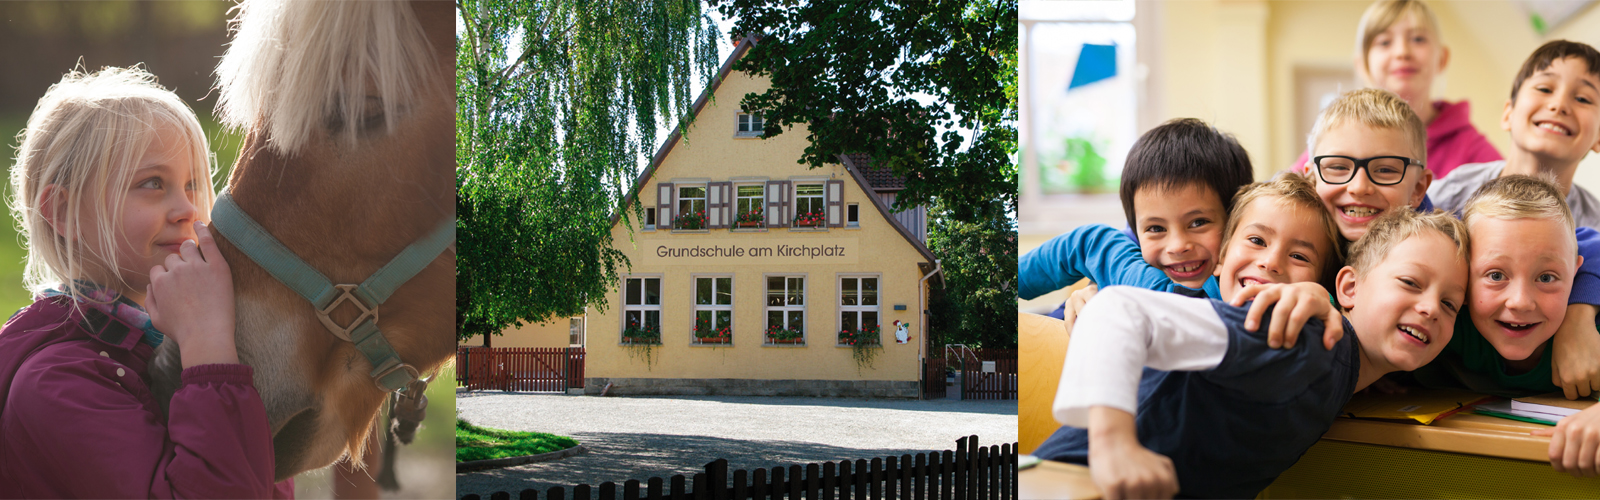 Grundschule am Kirchplatz